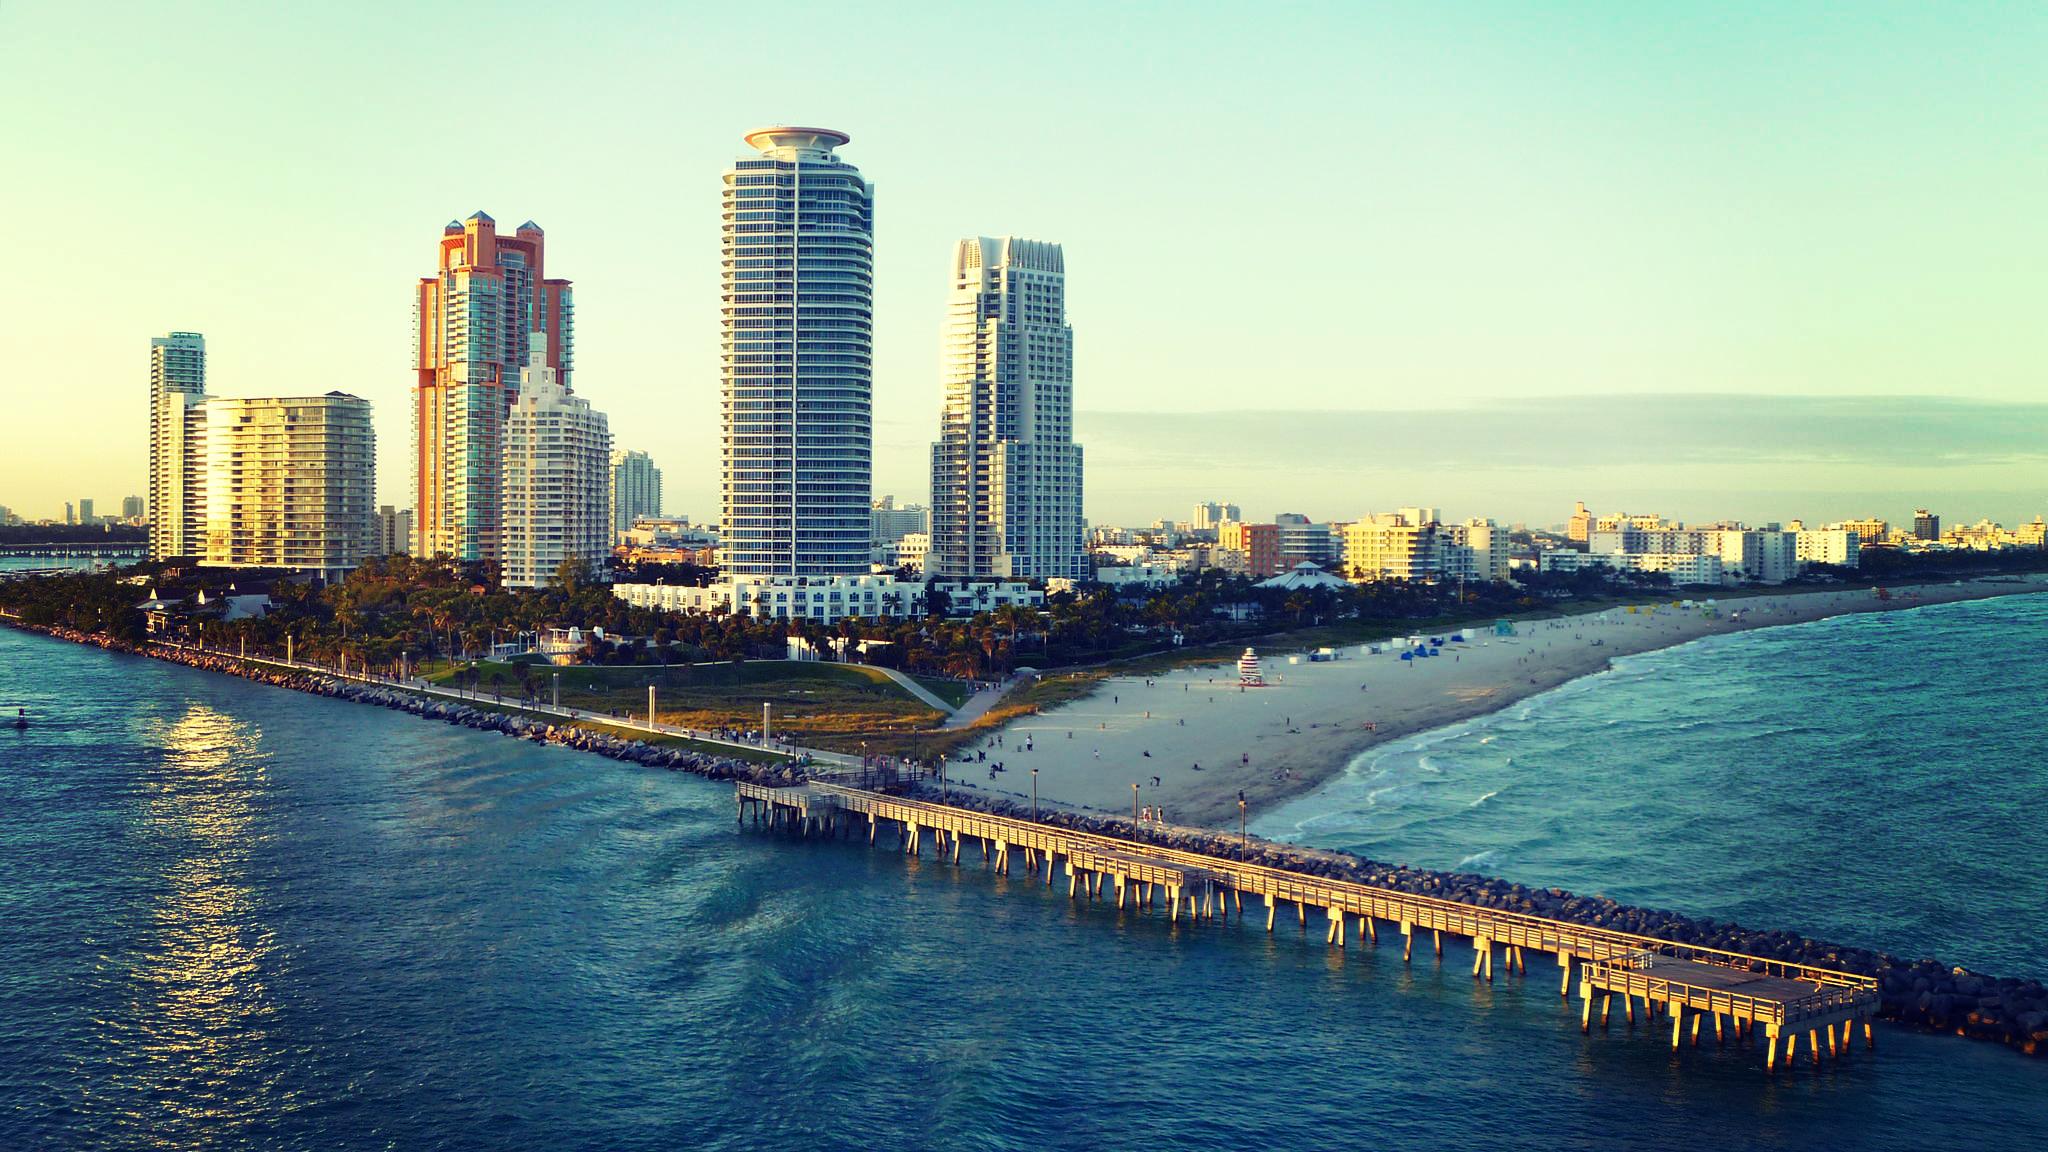 Miami fl florida miami miami beach ocean beach wallpapers 2048x1152